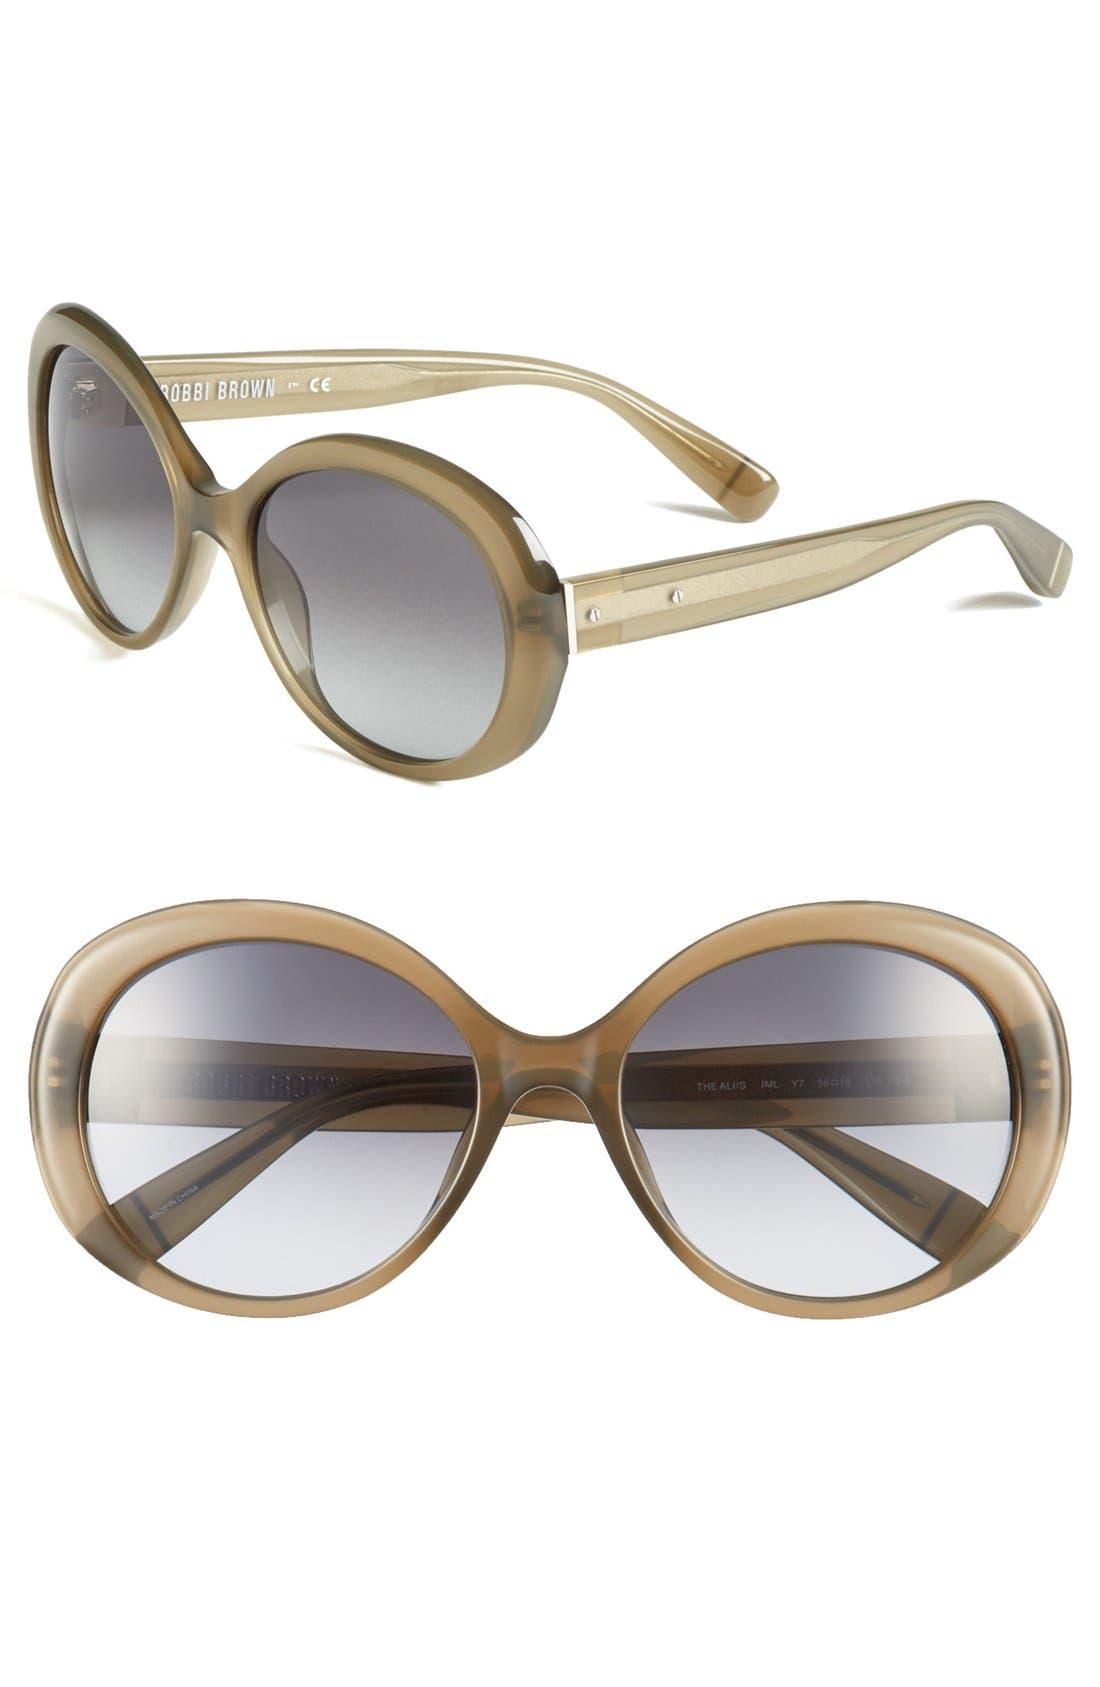 Alternate Image 1 Selected - Bobbi Brown 'The Ali' 56mm Sunglasses